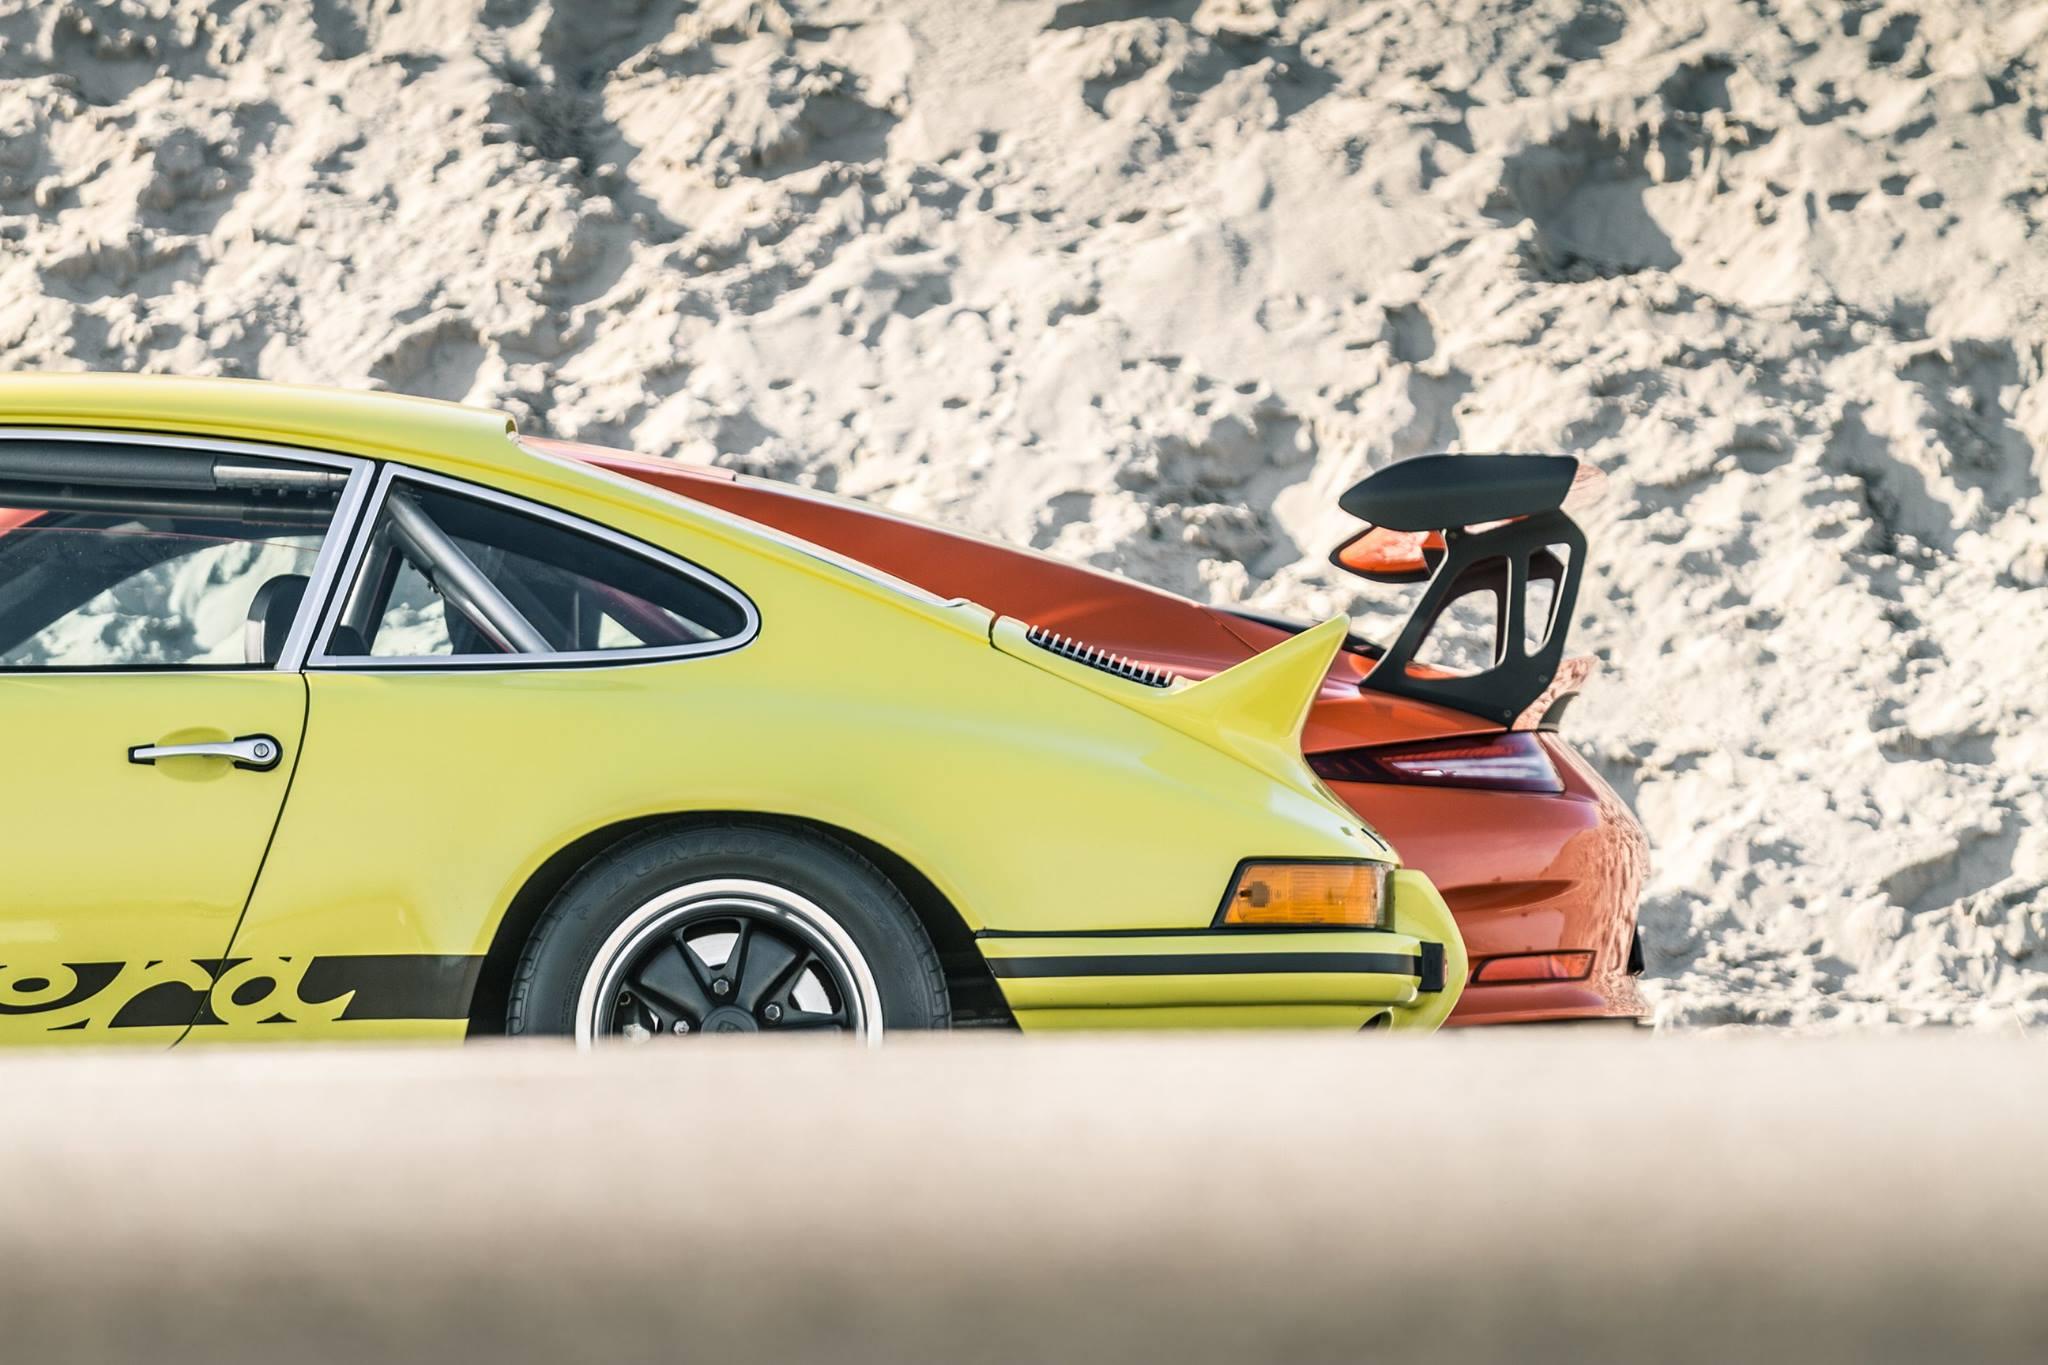 Porsche-911-RS-27-foto-Luuk-van-Kaathoven